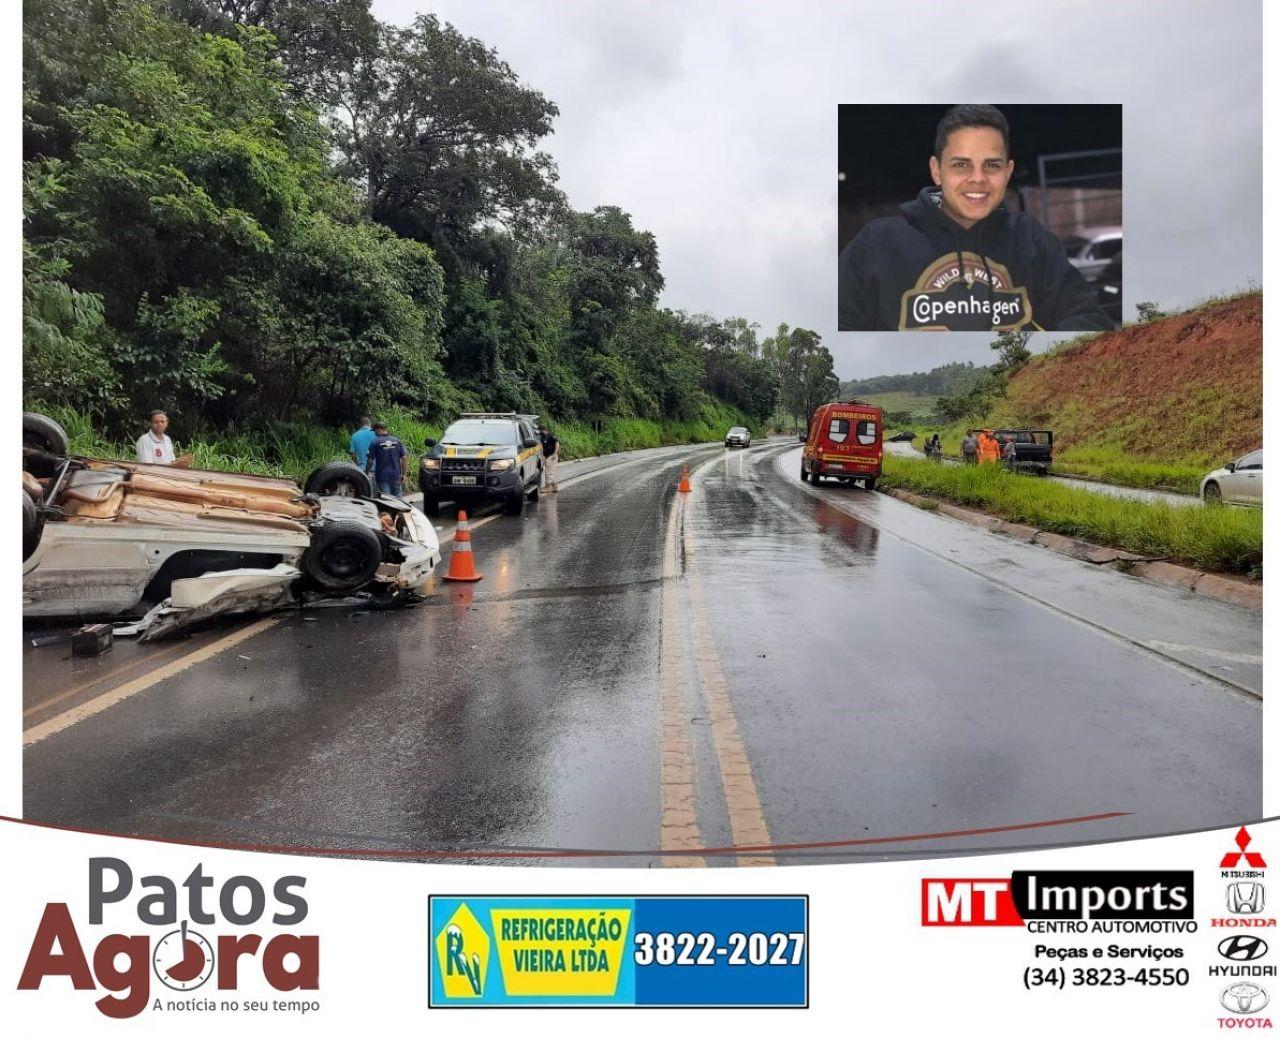 Jovem de 17 anos morre em acidente na Curva dos Moreiras na BR-365